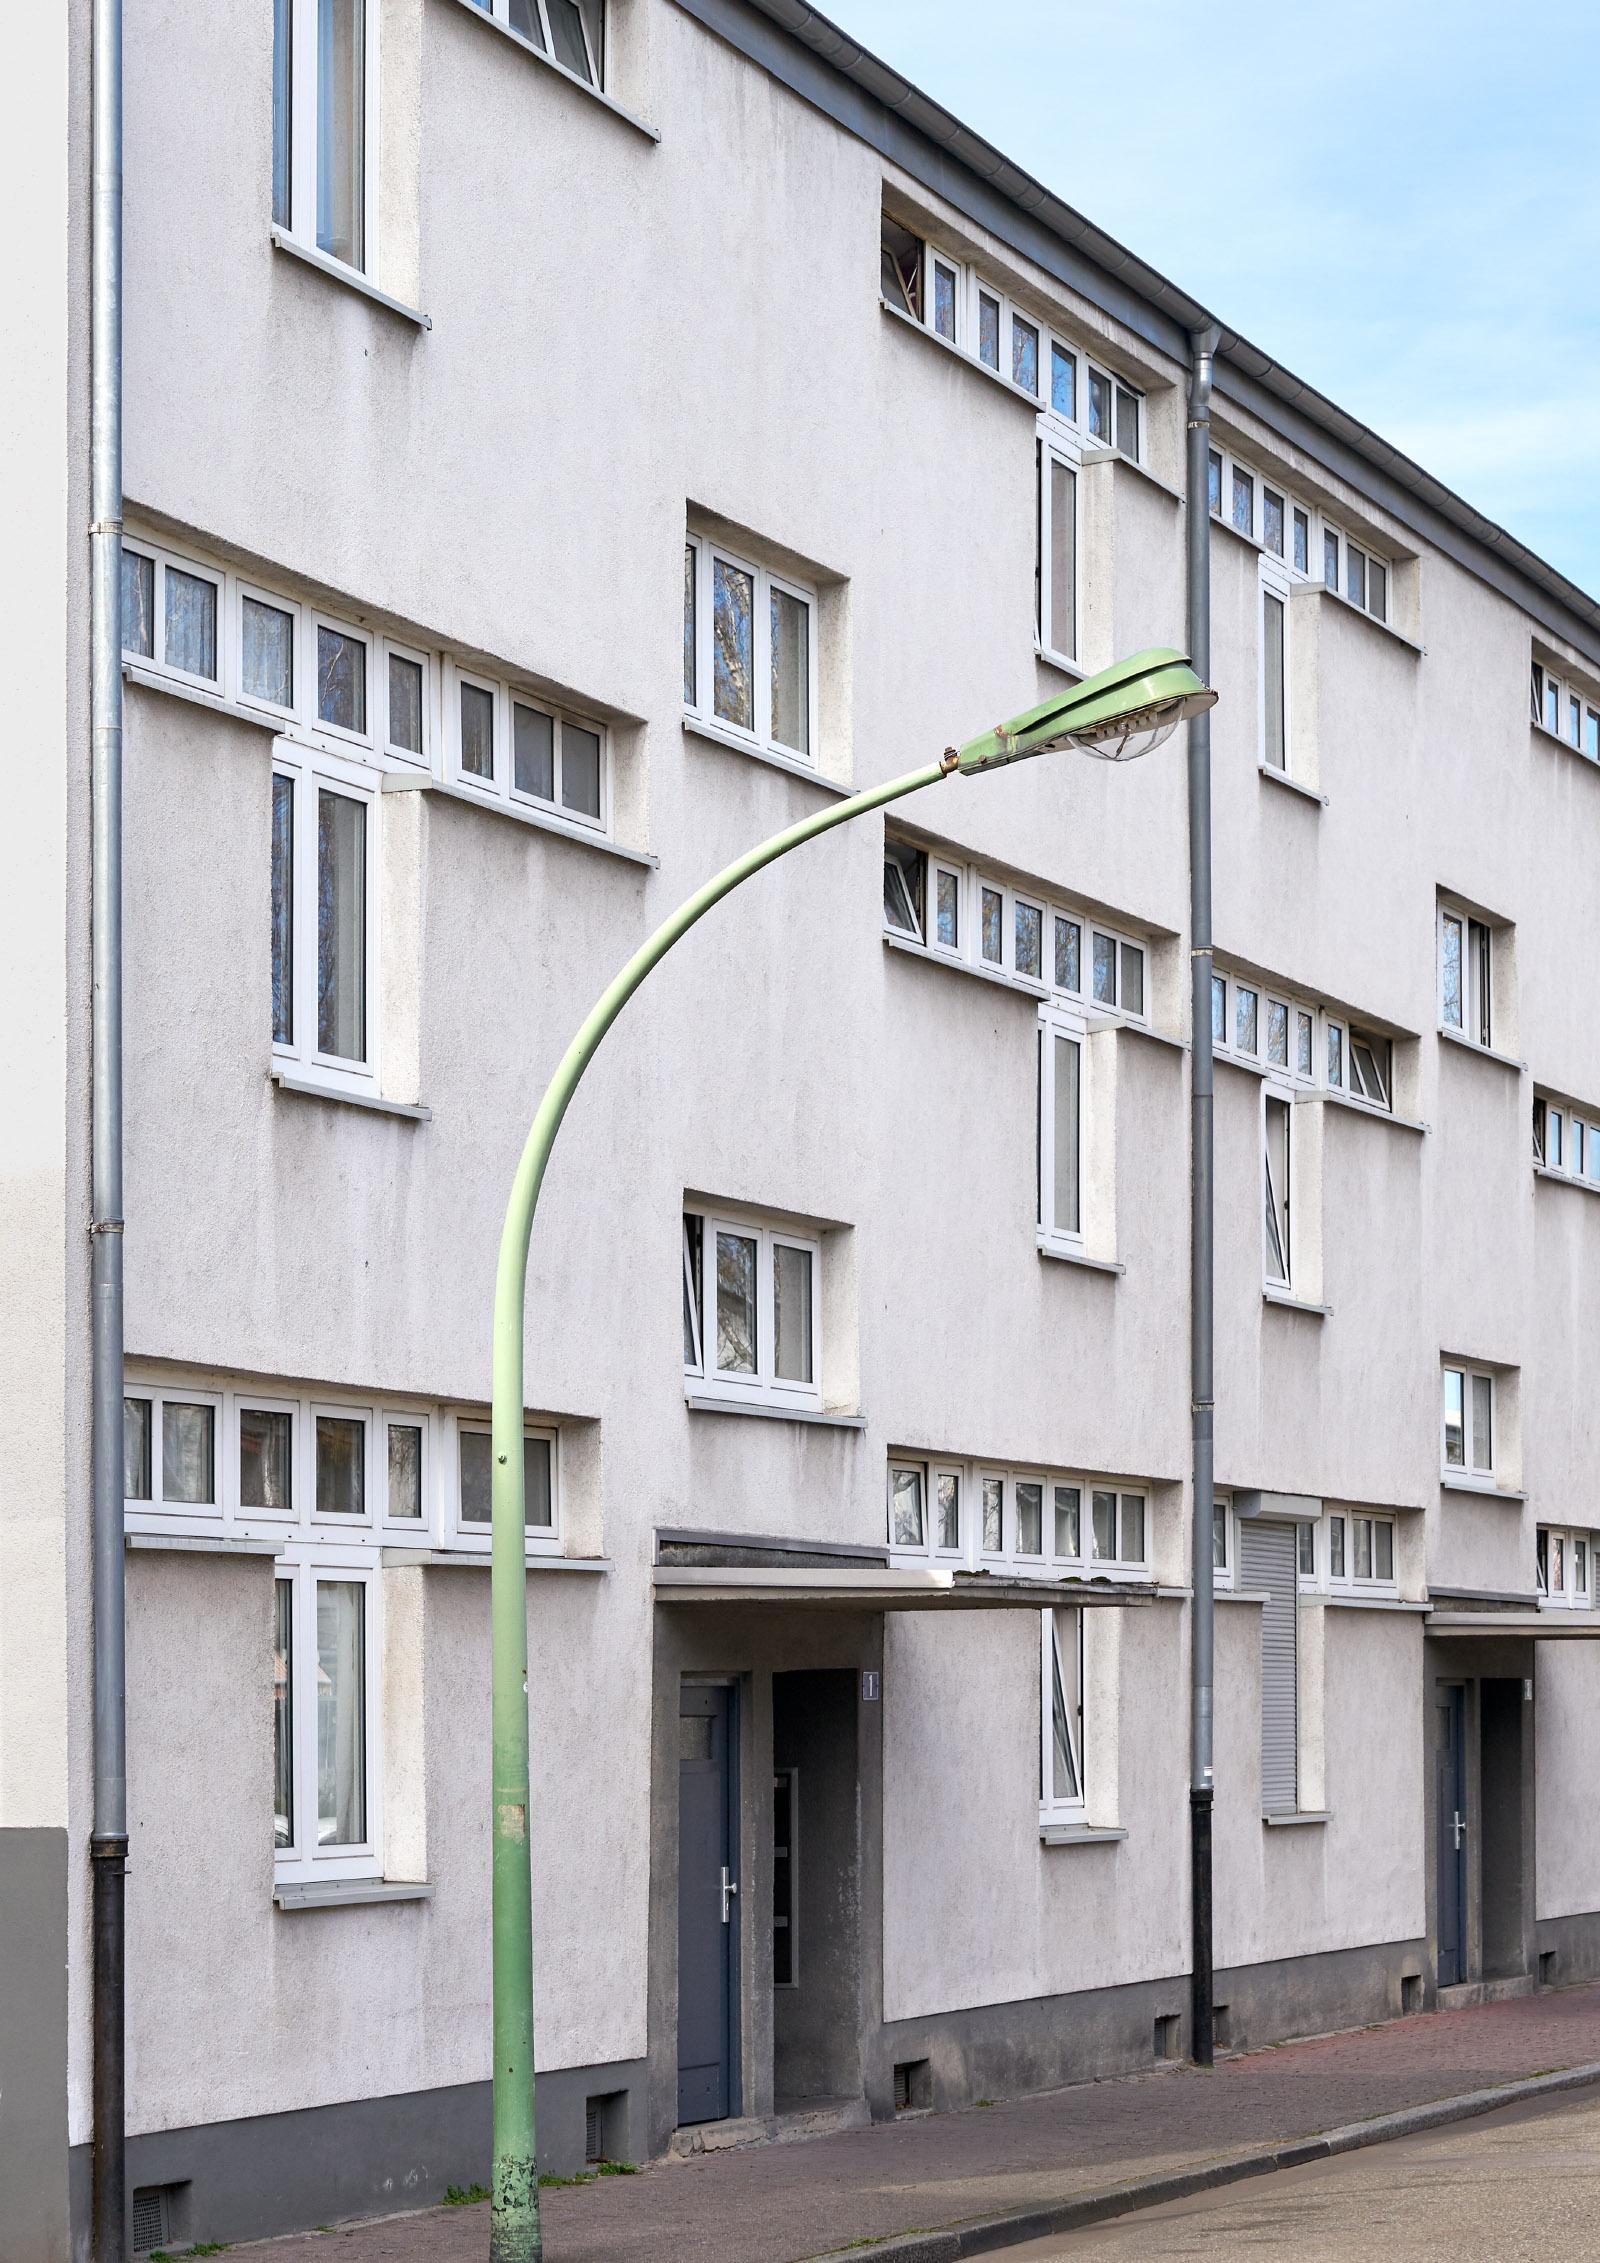 Hornauer Straße, Hellerhofsiedlung